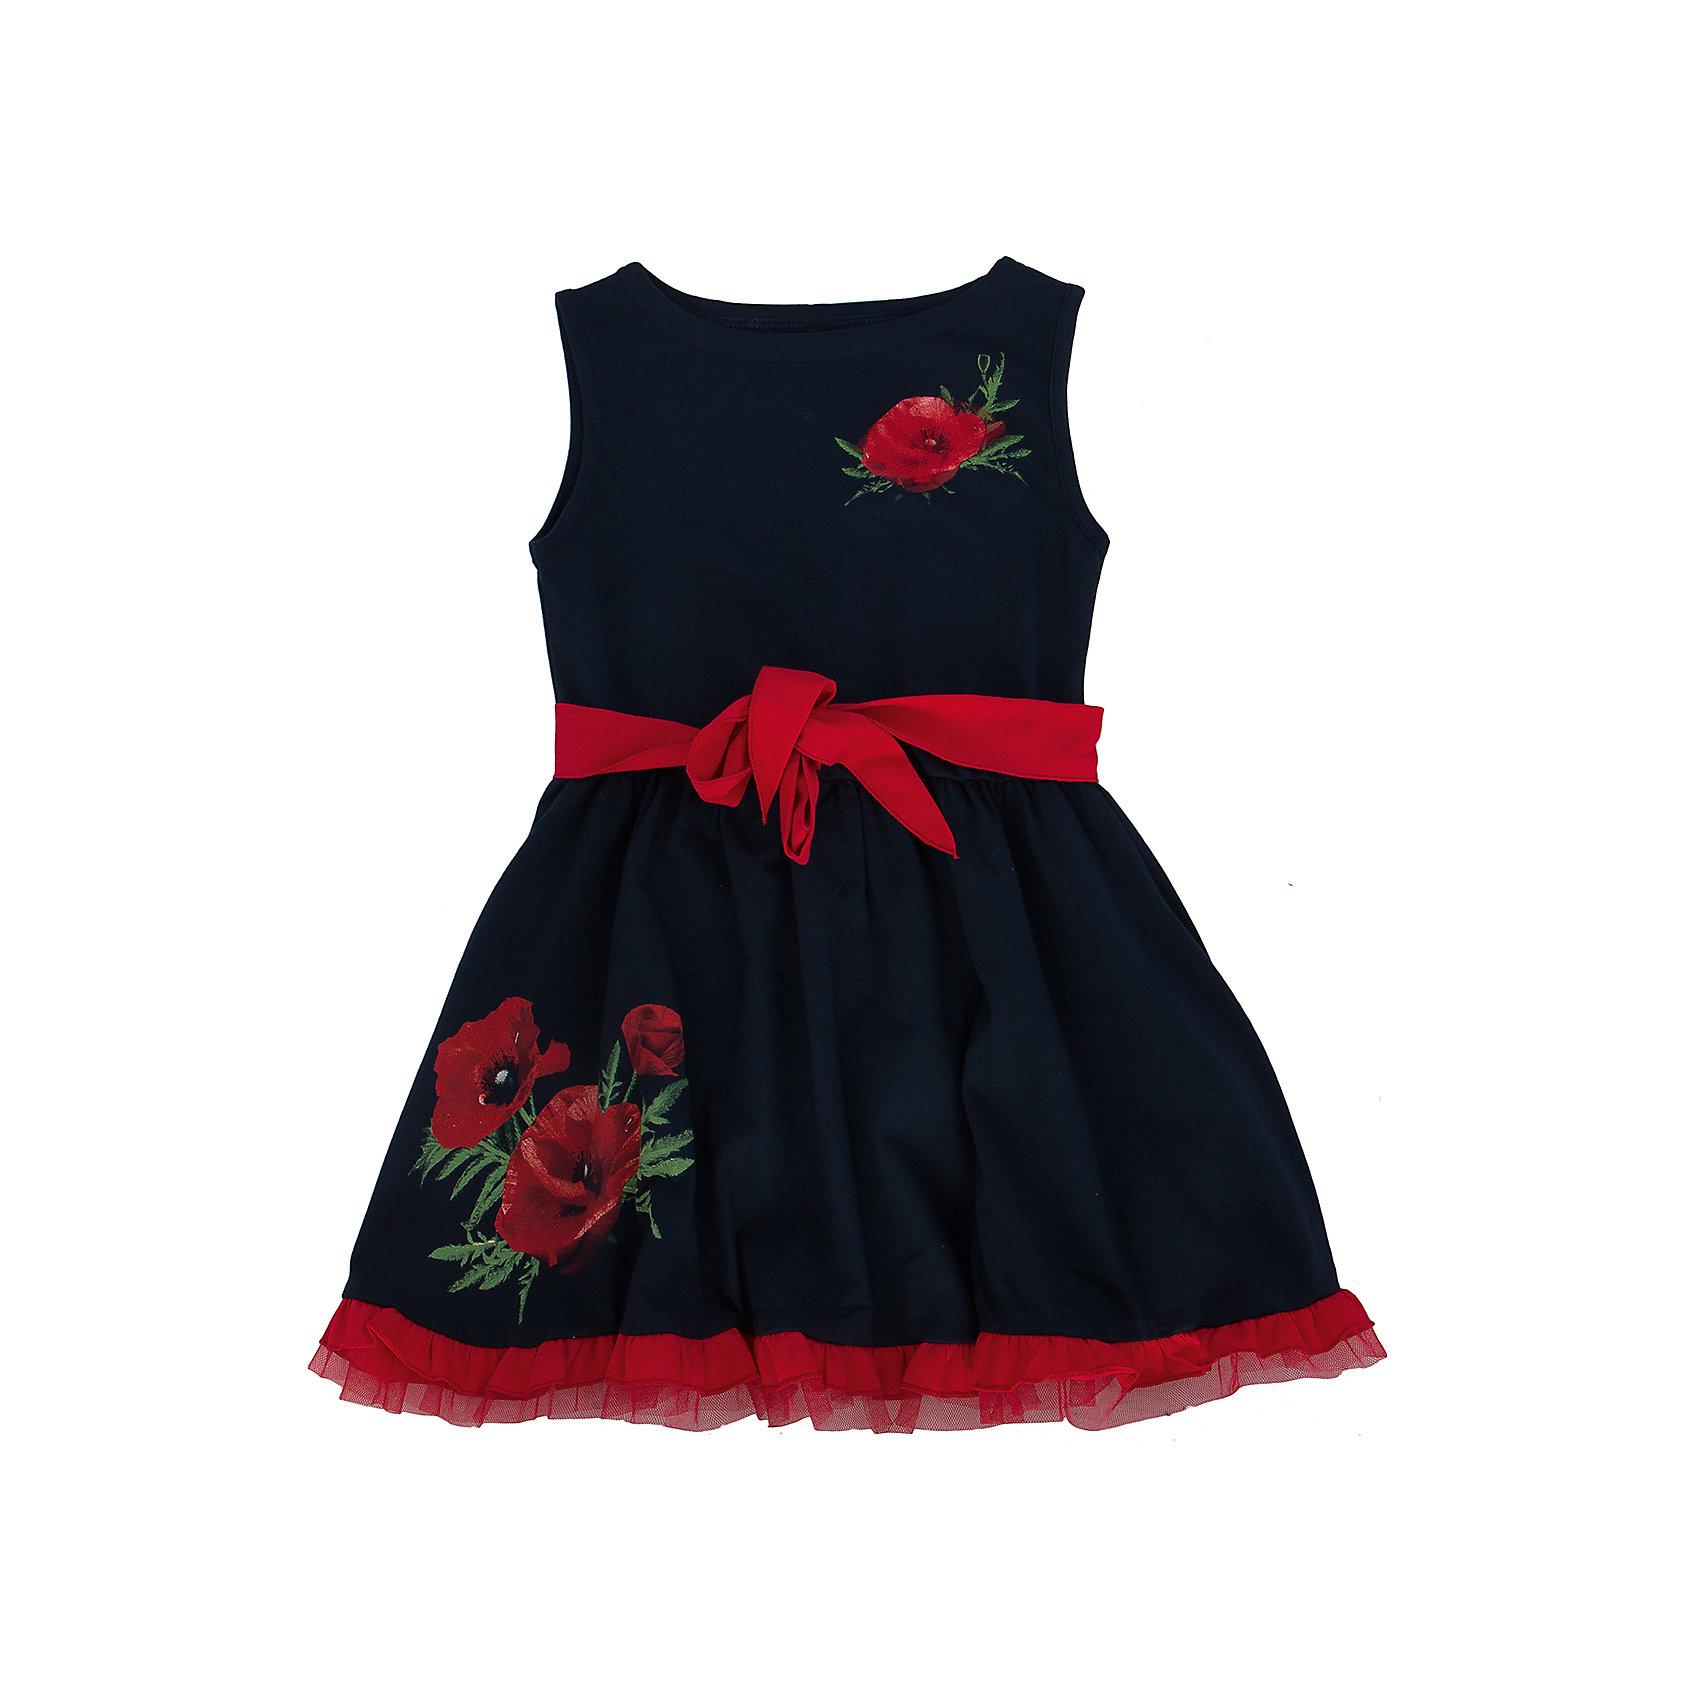 Платье АпрельСтильное летнее платье, выполненное из тонкого хлопкового полотна. Платье от торговой марки  Апрель из коллекции Маки— модель, которая идеально подходит по всем параметрам, потому что платье изготовлено из безопасных материалов и имеет необходимые сертификаты качества, скроено с учётом всех важных особенностей строения детской фигуры, за счёт чего обеспечивает исключительный комфорт;  отличается дизайном, который определённо понравится девочке. Приятное на ощупь, не сковывает движения, обеспечивая наибольший комфорт. Изделие прямого кроя с короткими рукавами, декорировано эффектным дизайнерским принтом. Отличный вариант для прогулки и праздника! Рекомендуется машинная стирка при температуре 40 градусов без предварительного замачивания.<br><br>Дополнительная информация:<br><br>- ткань: кулир<br> - состав: 92% хлопок 8% лайкра<br>- длина рукава: короткие<br>- вид застежки: кнопки<br>- вид бретелек: без бретелек<br>- длина изделия: по спинке: 52 см<br>- фактура материала: трикотажный<br>- длина юбки: мини<br>- тип карманов: без карманов<br>- по назначению: повседневный стиль<br>- цвет: темно-синий, красный, белый<br>- сезон: лето<br>- пол: девочки<br>- страна бренда: Россия<br>- страна производитель: Россия<br>- комплектация: платье<br>- коллекция Маки<br><br>Платье коллекции Маки от торговой марки  Апрель можно купить в нашем интернет-магазине.<br><br>Ширина мм: 236<br>Глубина мм: 16<br>Высота мм: 184<br>Вес г: 177<br>Цвет: синий<br>Возраст от месяцев: 72<br>Возраст до месяцев: 84<br>Пол: Женский<br>Возраст: Детский<br>Размер: 122,146,134,128,116,140,110<br>SKU: 4630500